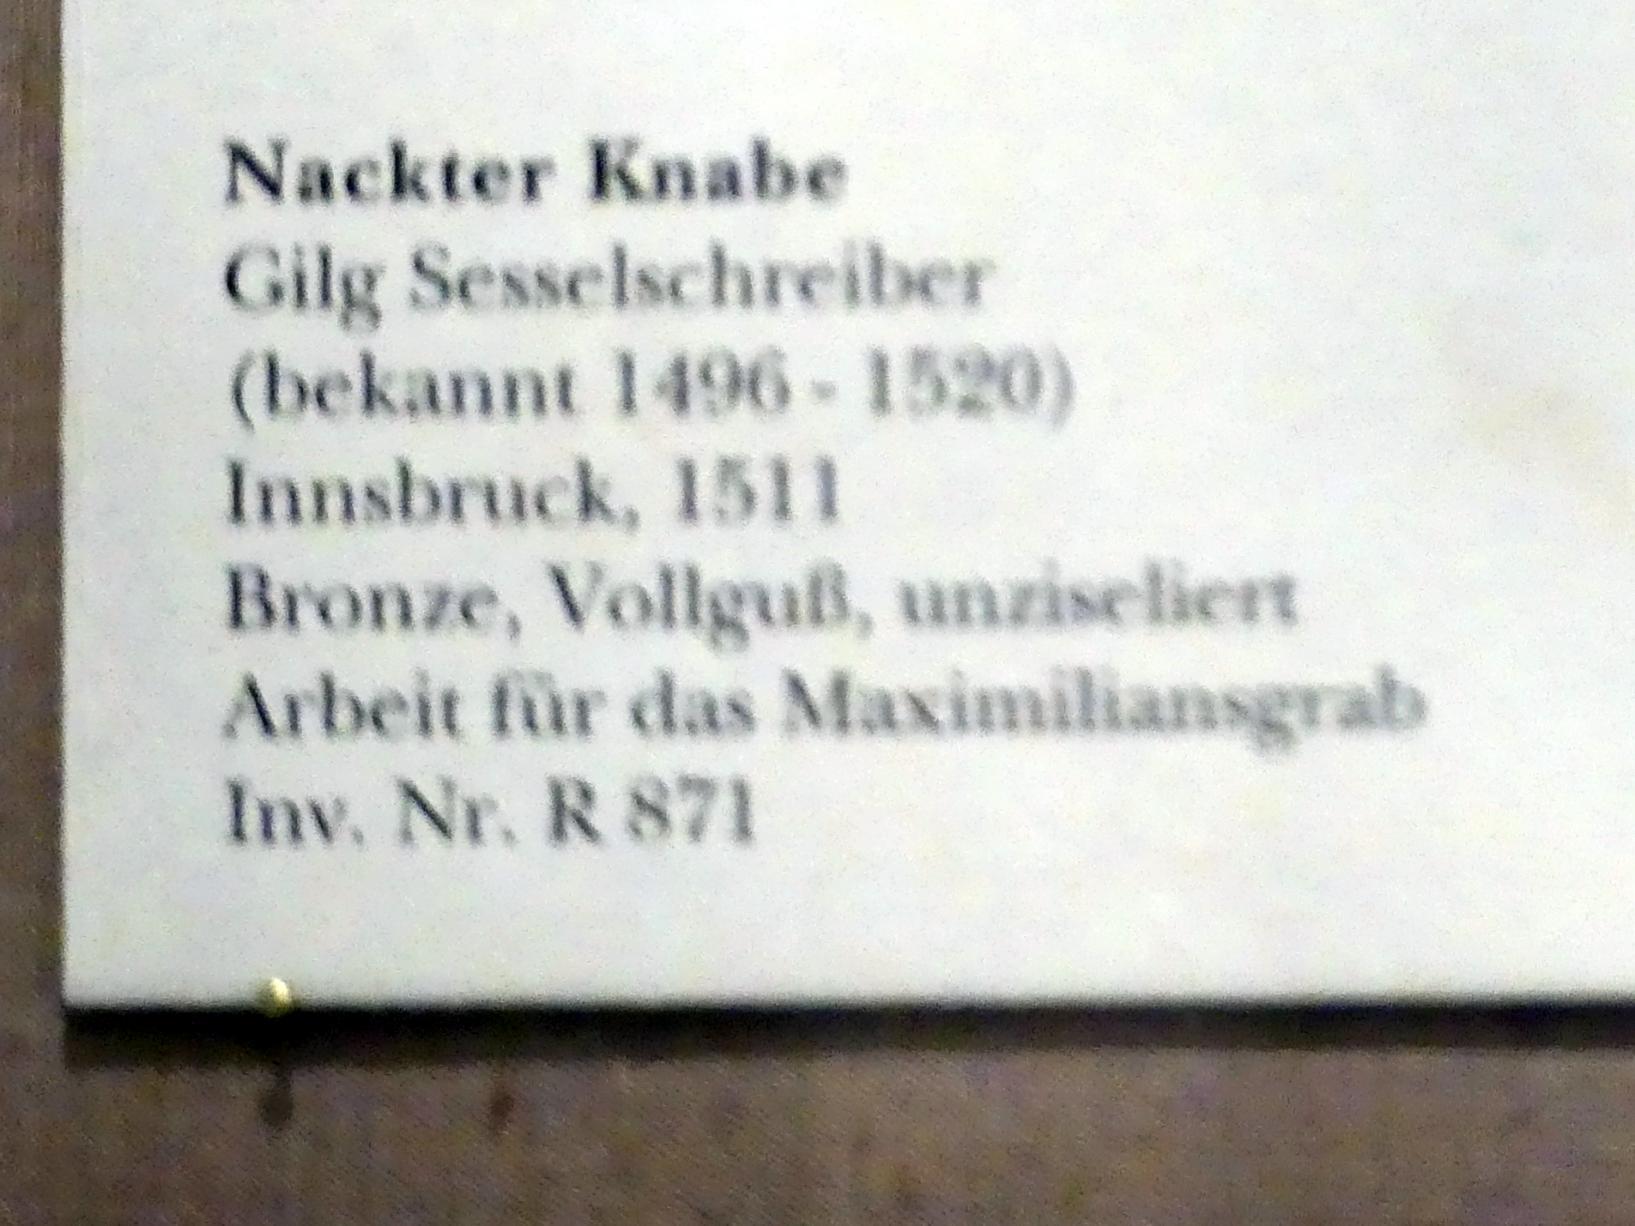 Gilg Sesselschreiber: Nackter Knabe, 1511